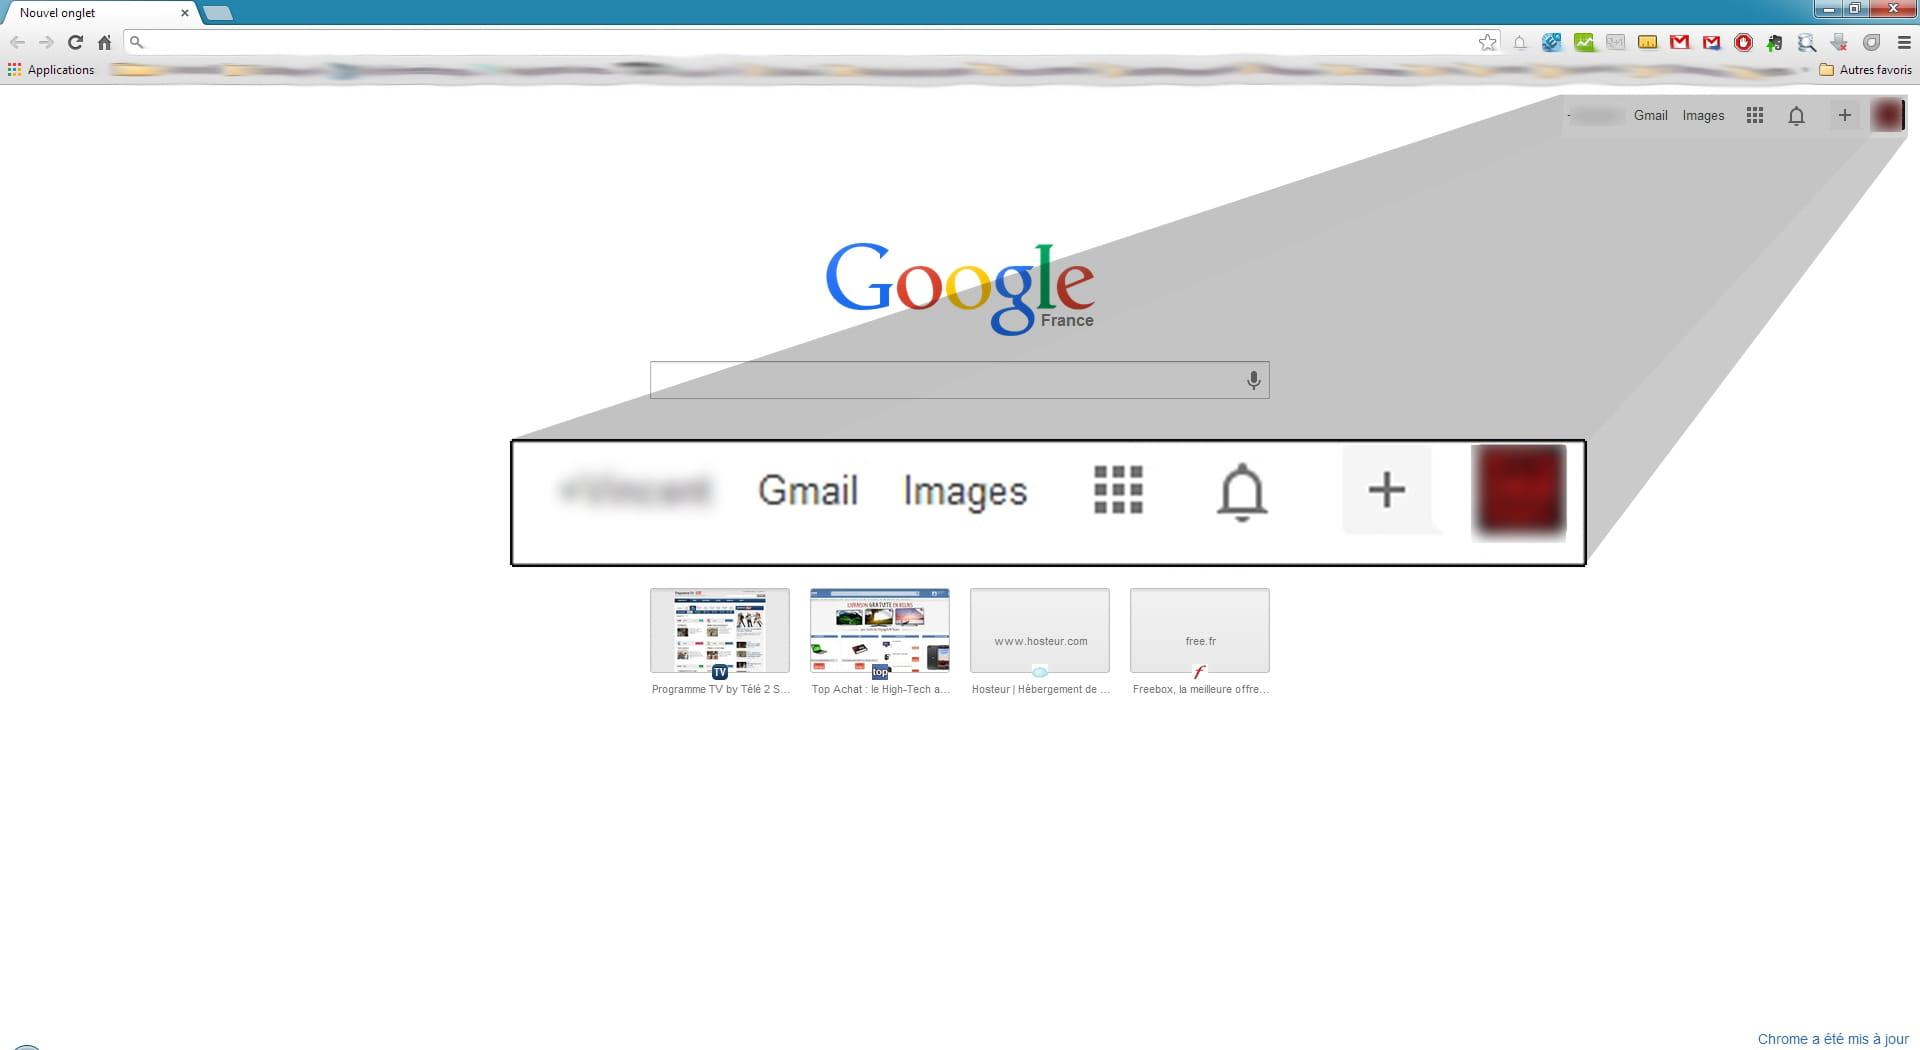 Gmail Ne S Affiche Pas Sur La Page D Accueil Google Chrome